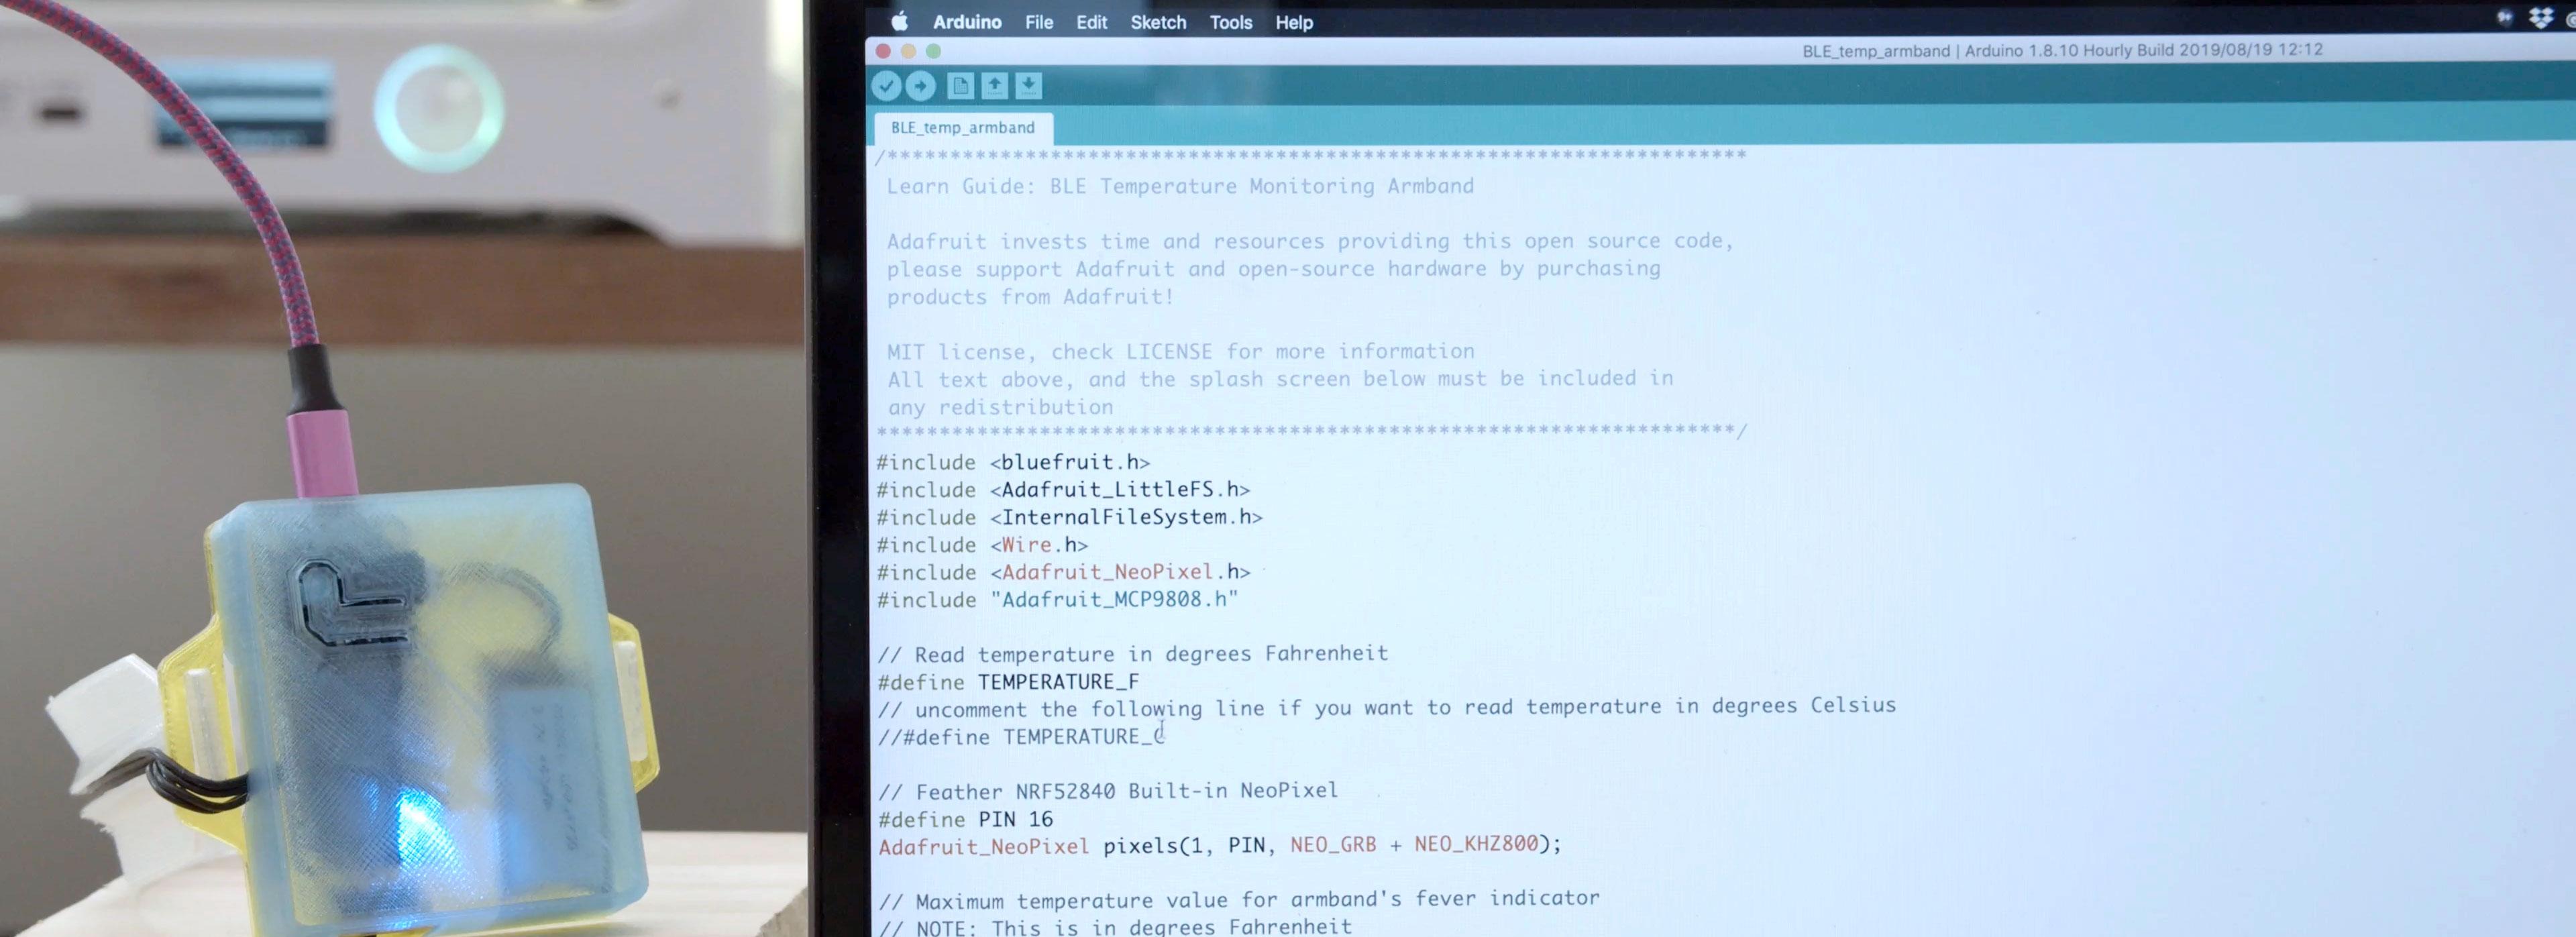 sensors_code-banner.jpg